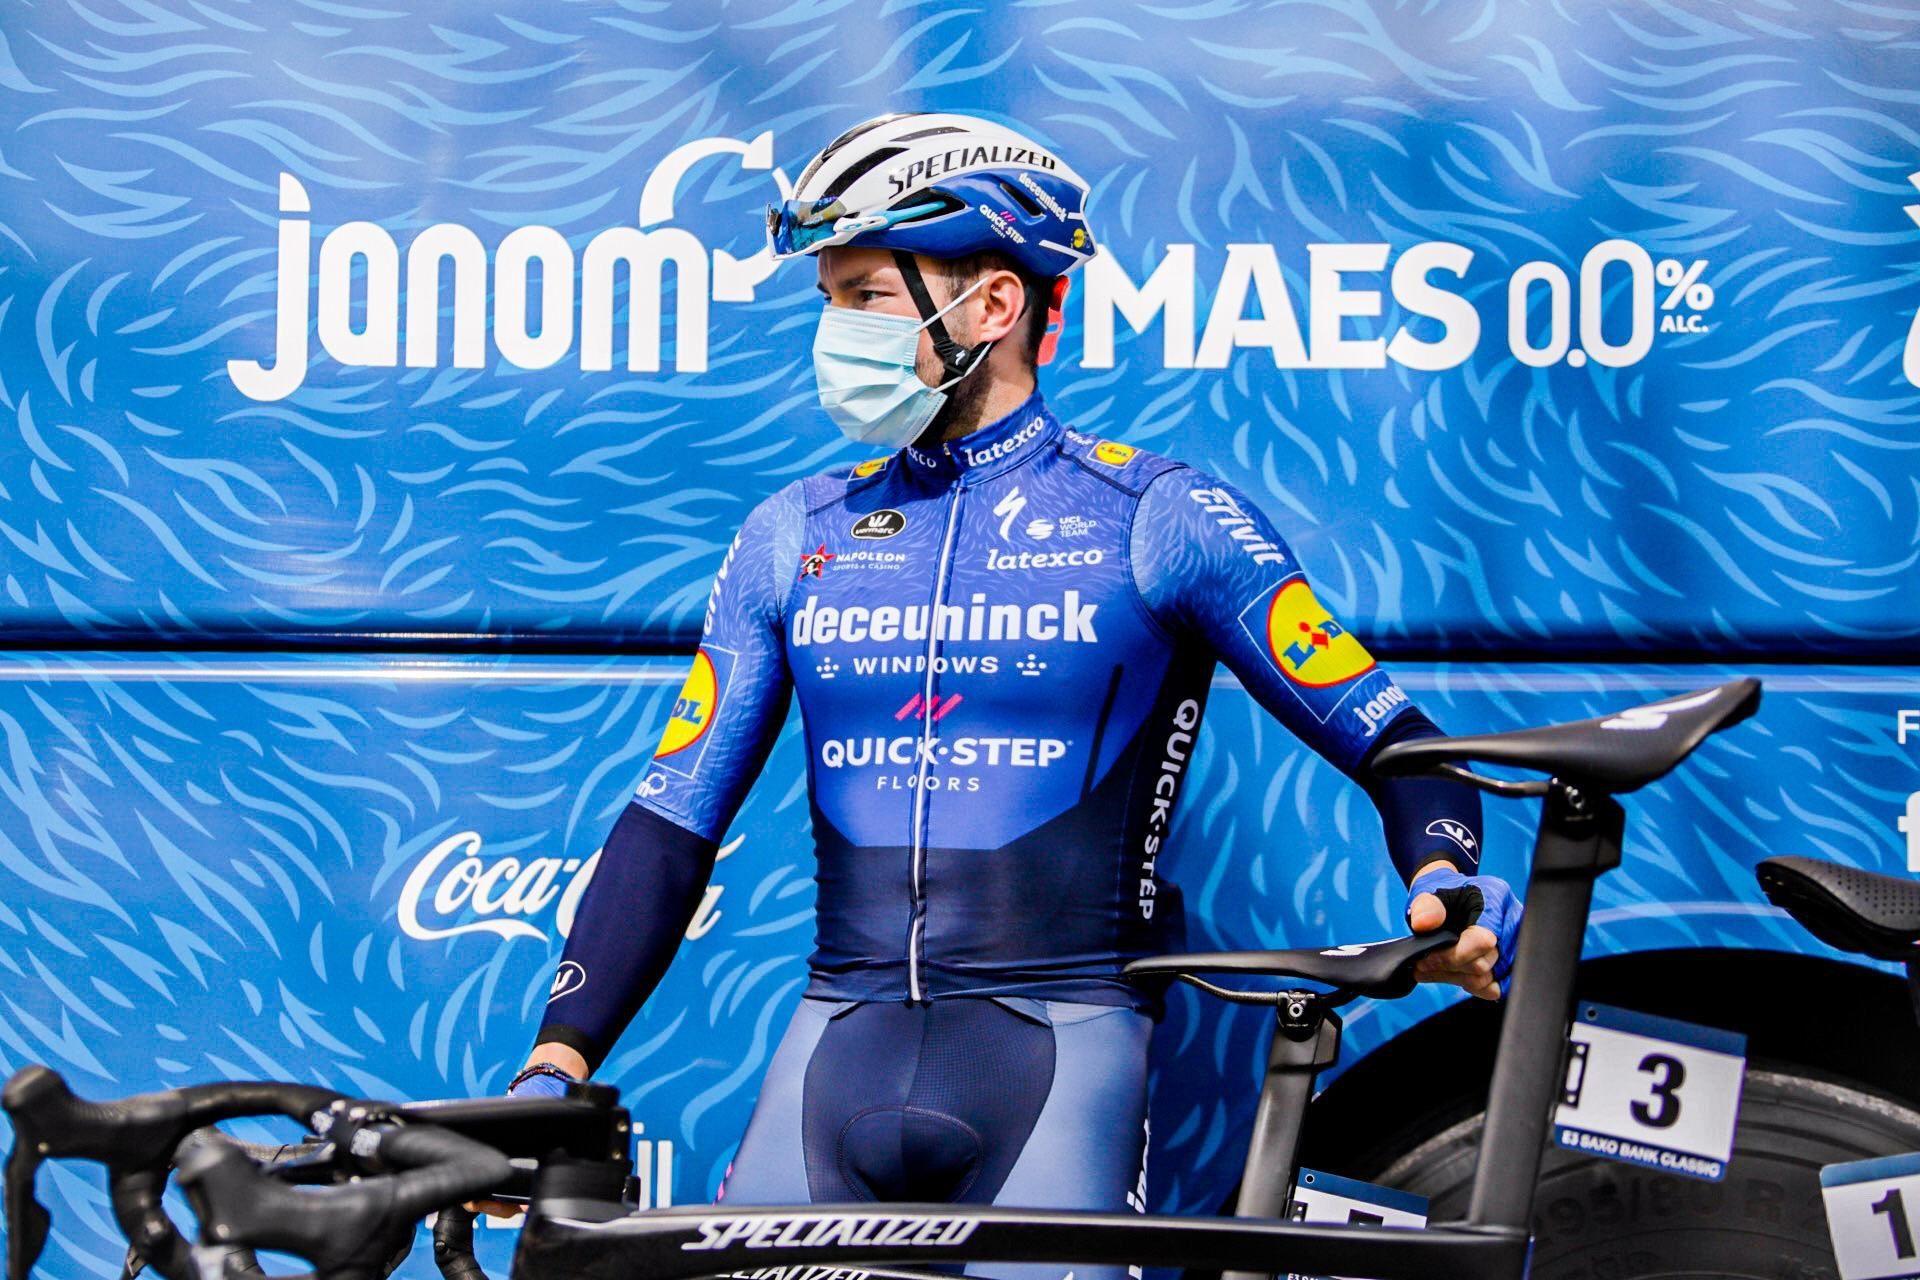 Deceuninck — Quick-Step сохранила лидерство в рейтинге лучших велокоманд мира